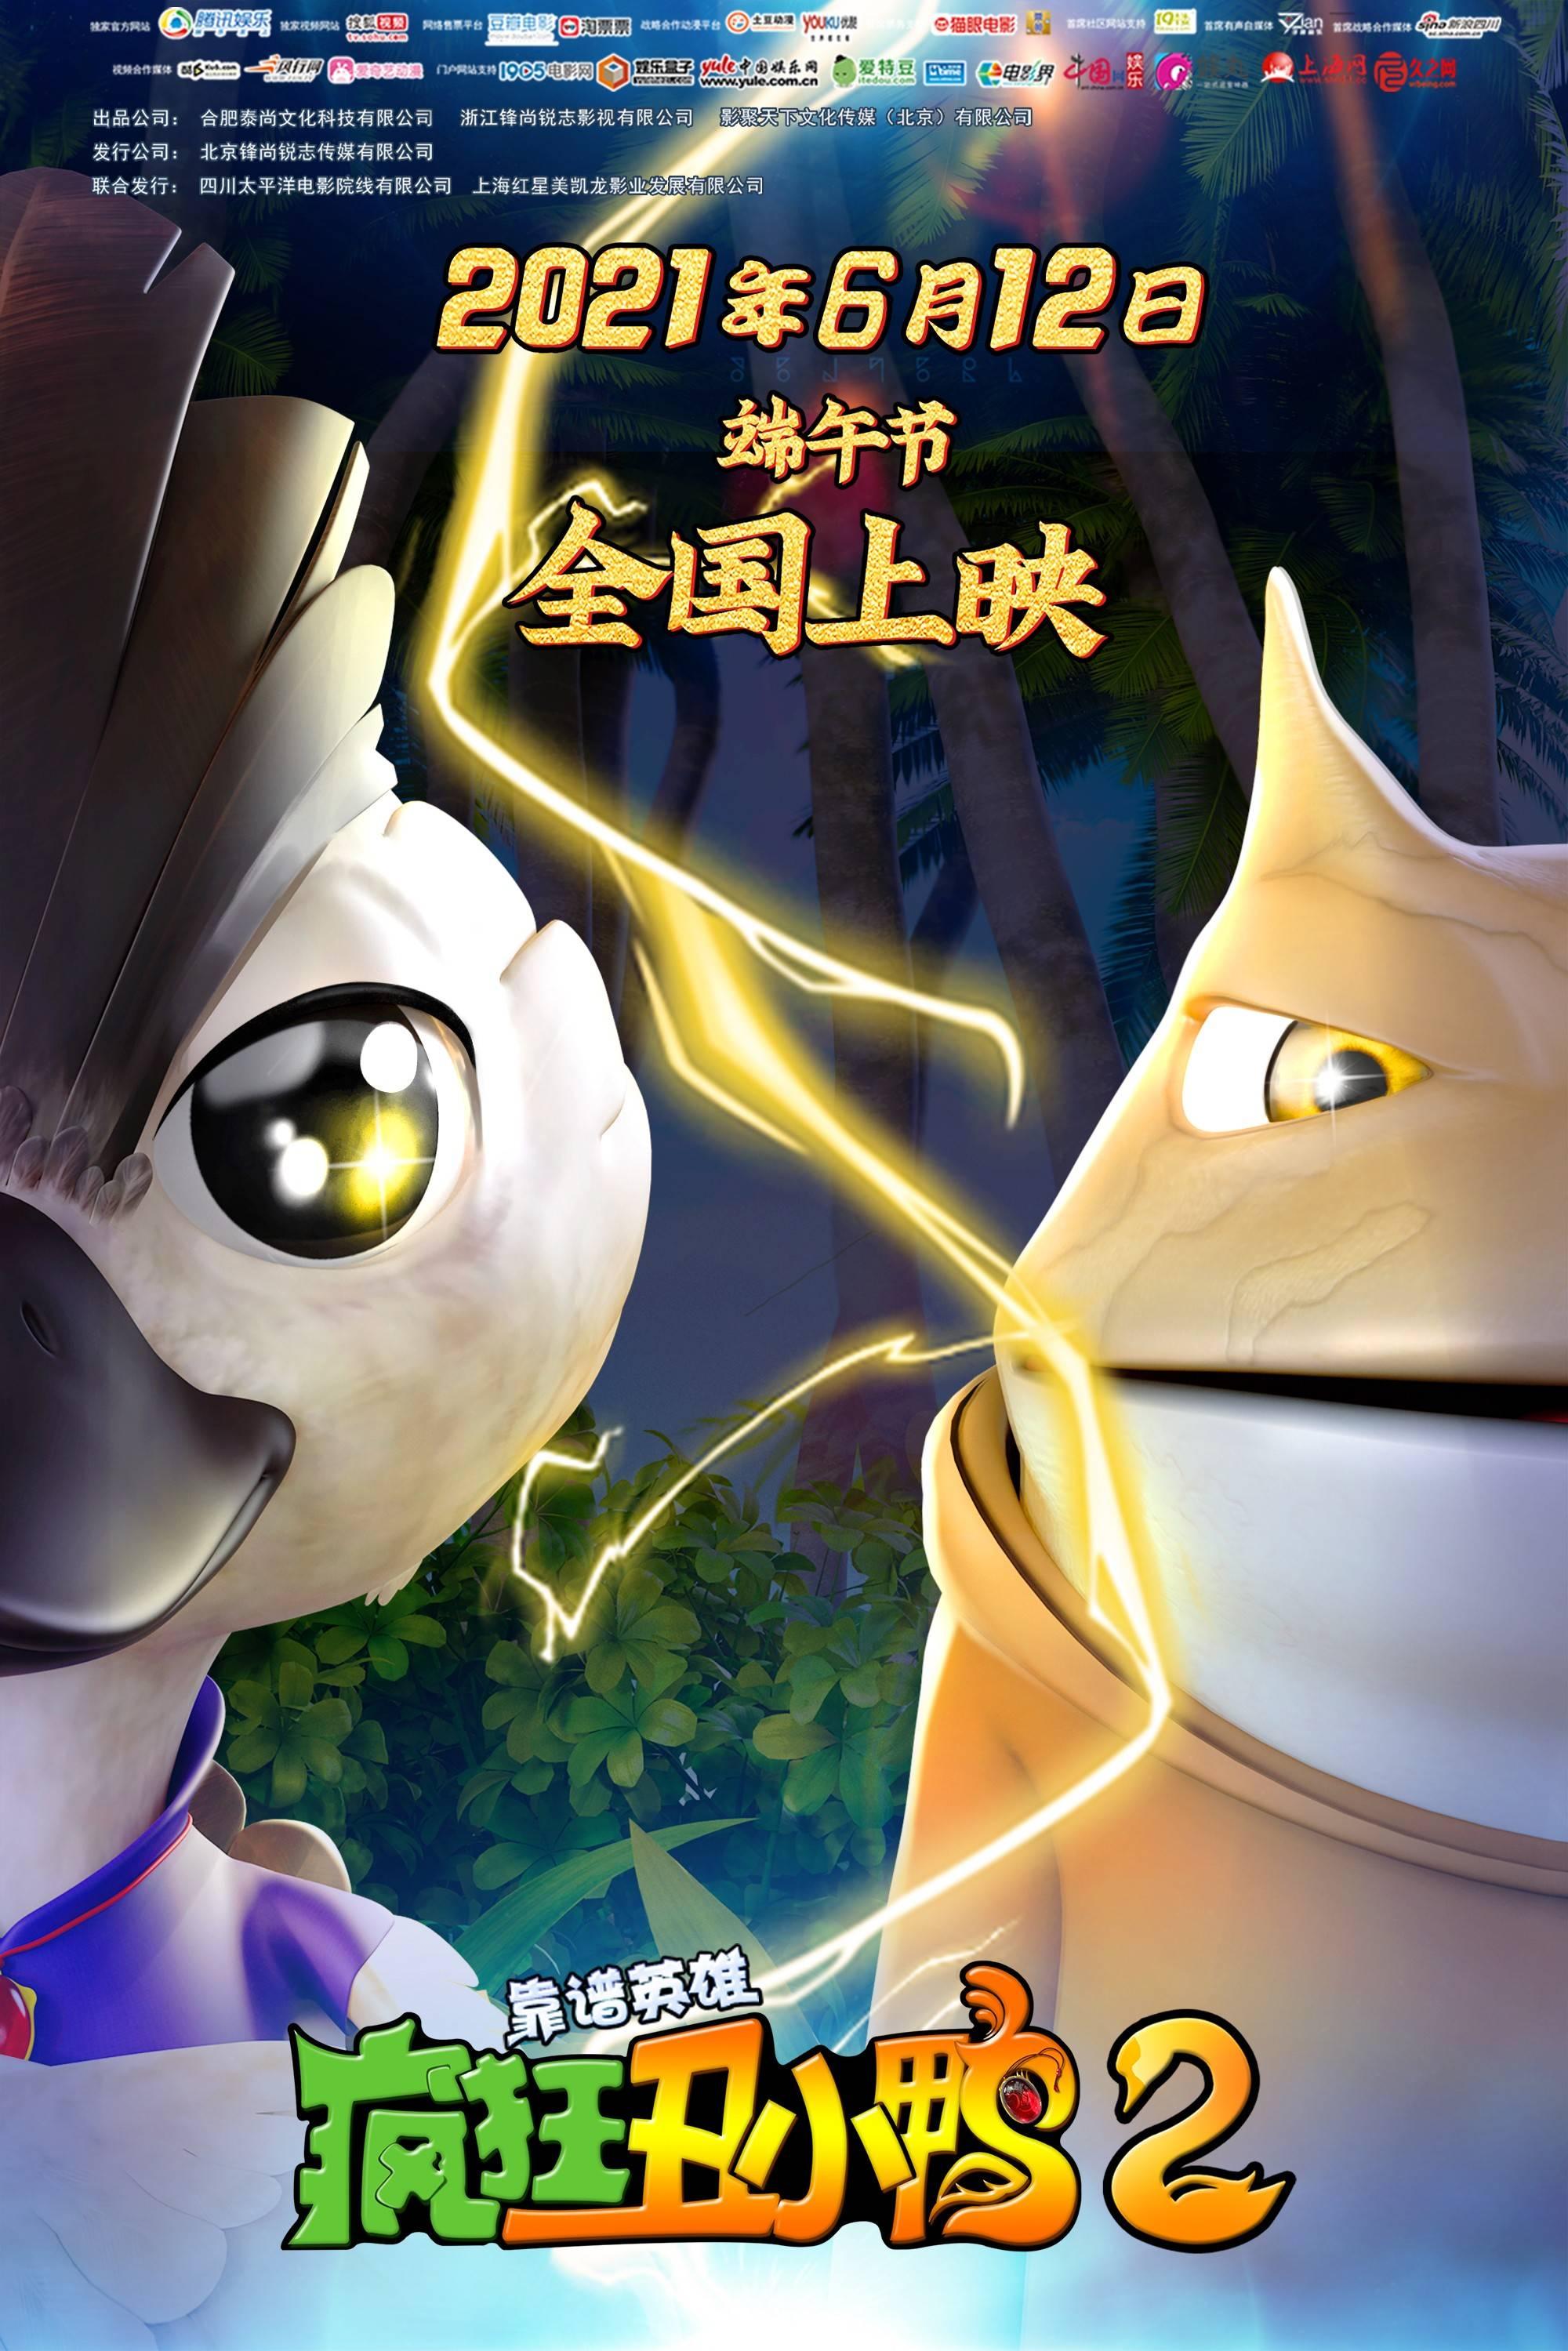 巅峰对决!3D/2D动画电影《疯狂丑小鸭2靠谱英雄》6月12日端午上映